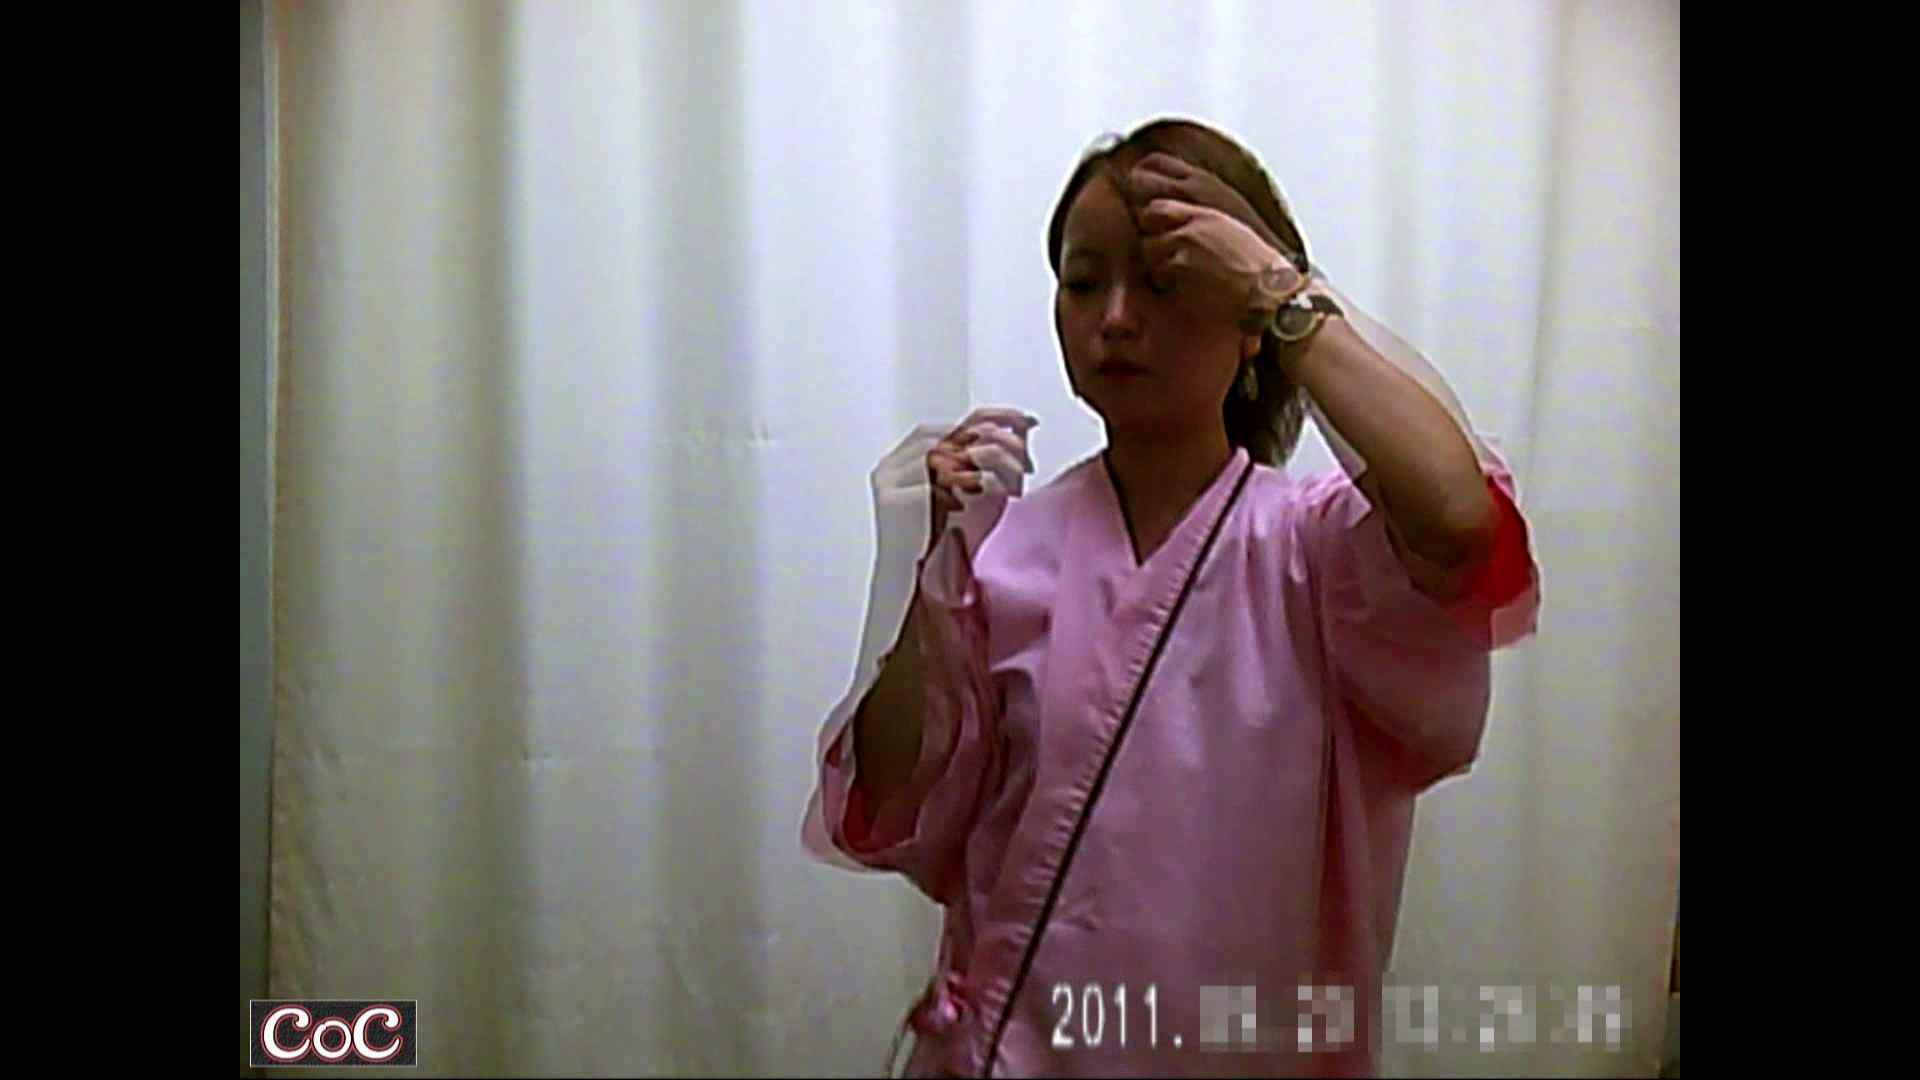 病院おもいっきり着替え! vol.29 巨乳 オメコ動画キャプチャ 98pic 69